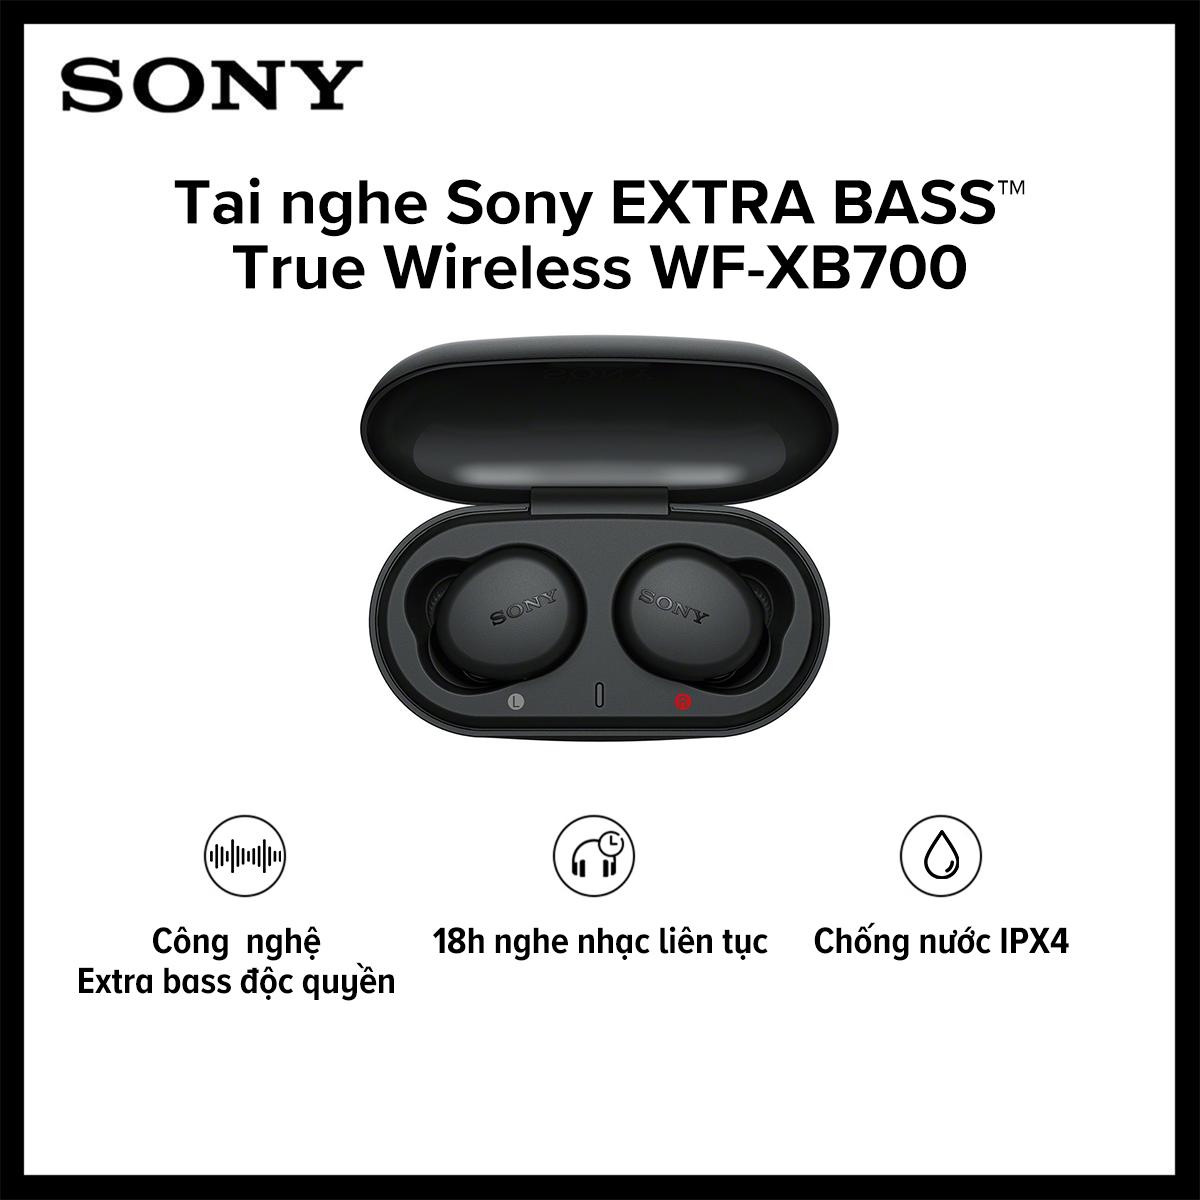 Tai nghe True Wireless Sony WF-XB700 l Công nghệ EXTRA BASS™ l Google Assistant l Chống nước IPX4 l Pin 18h l HÀNG CHÍNH HÃNG